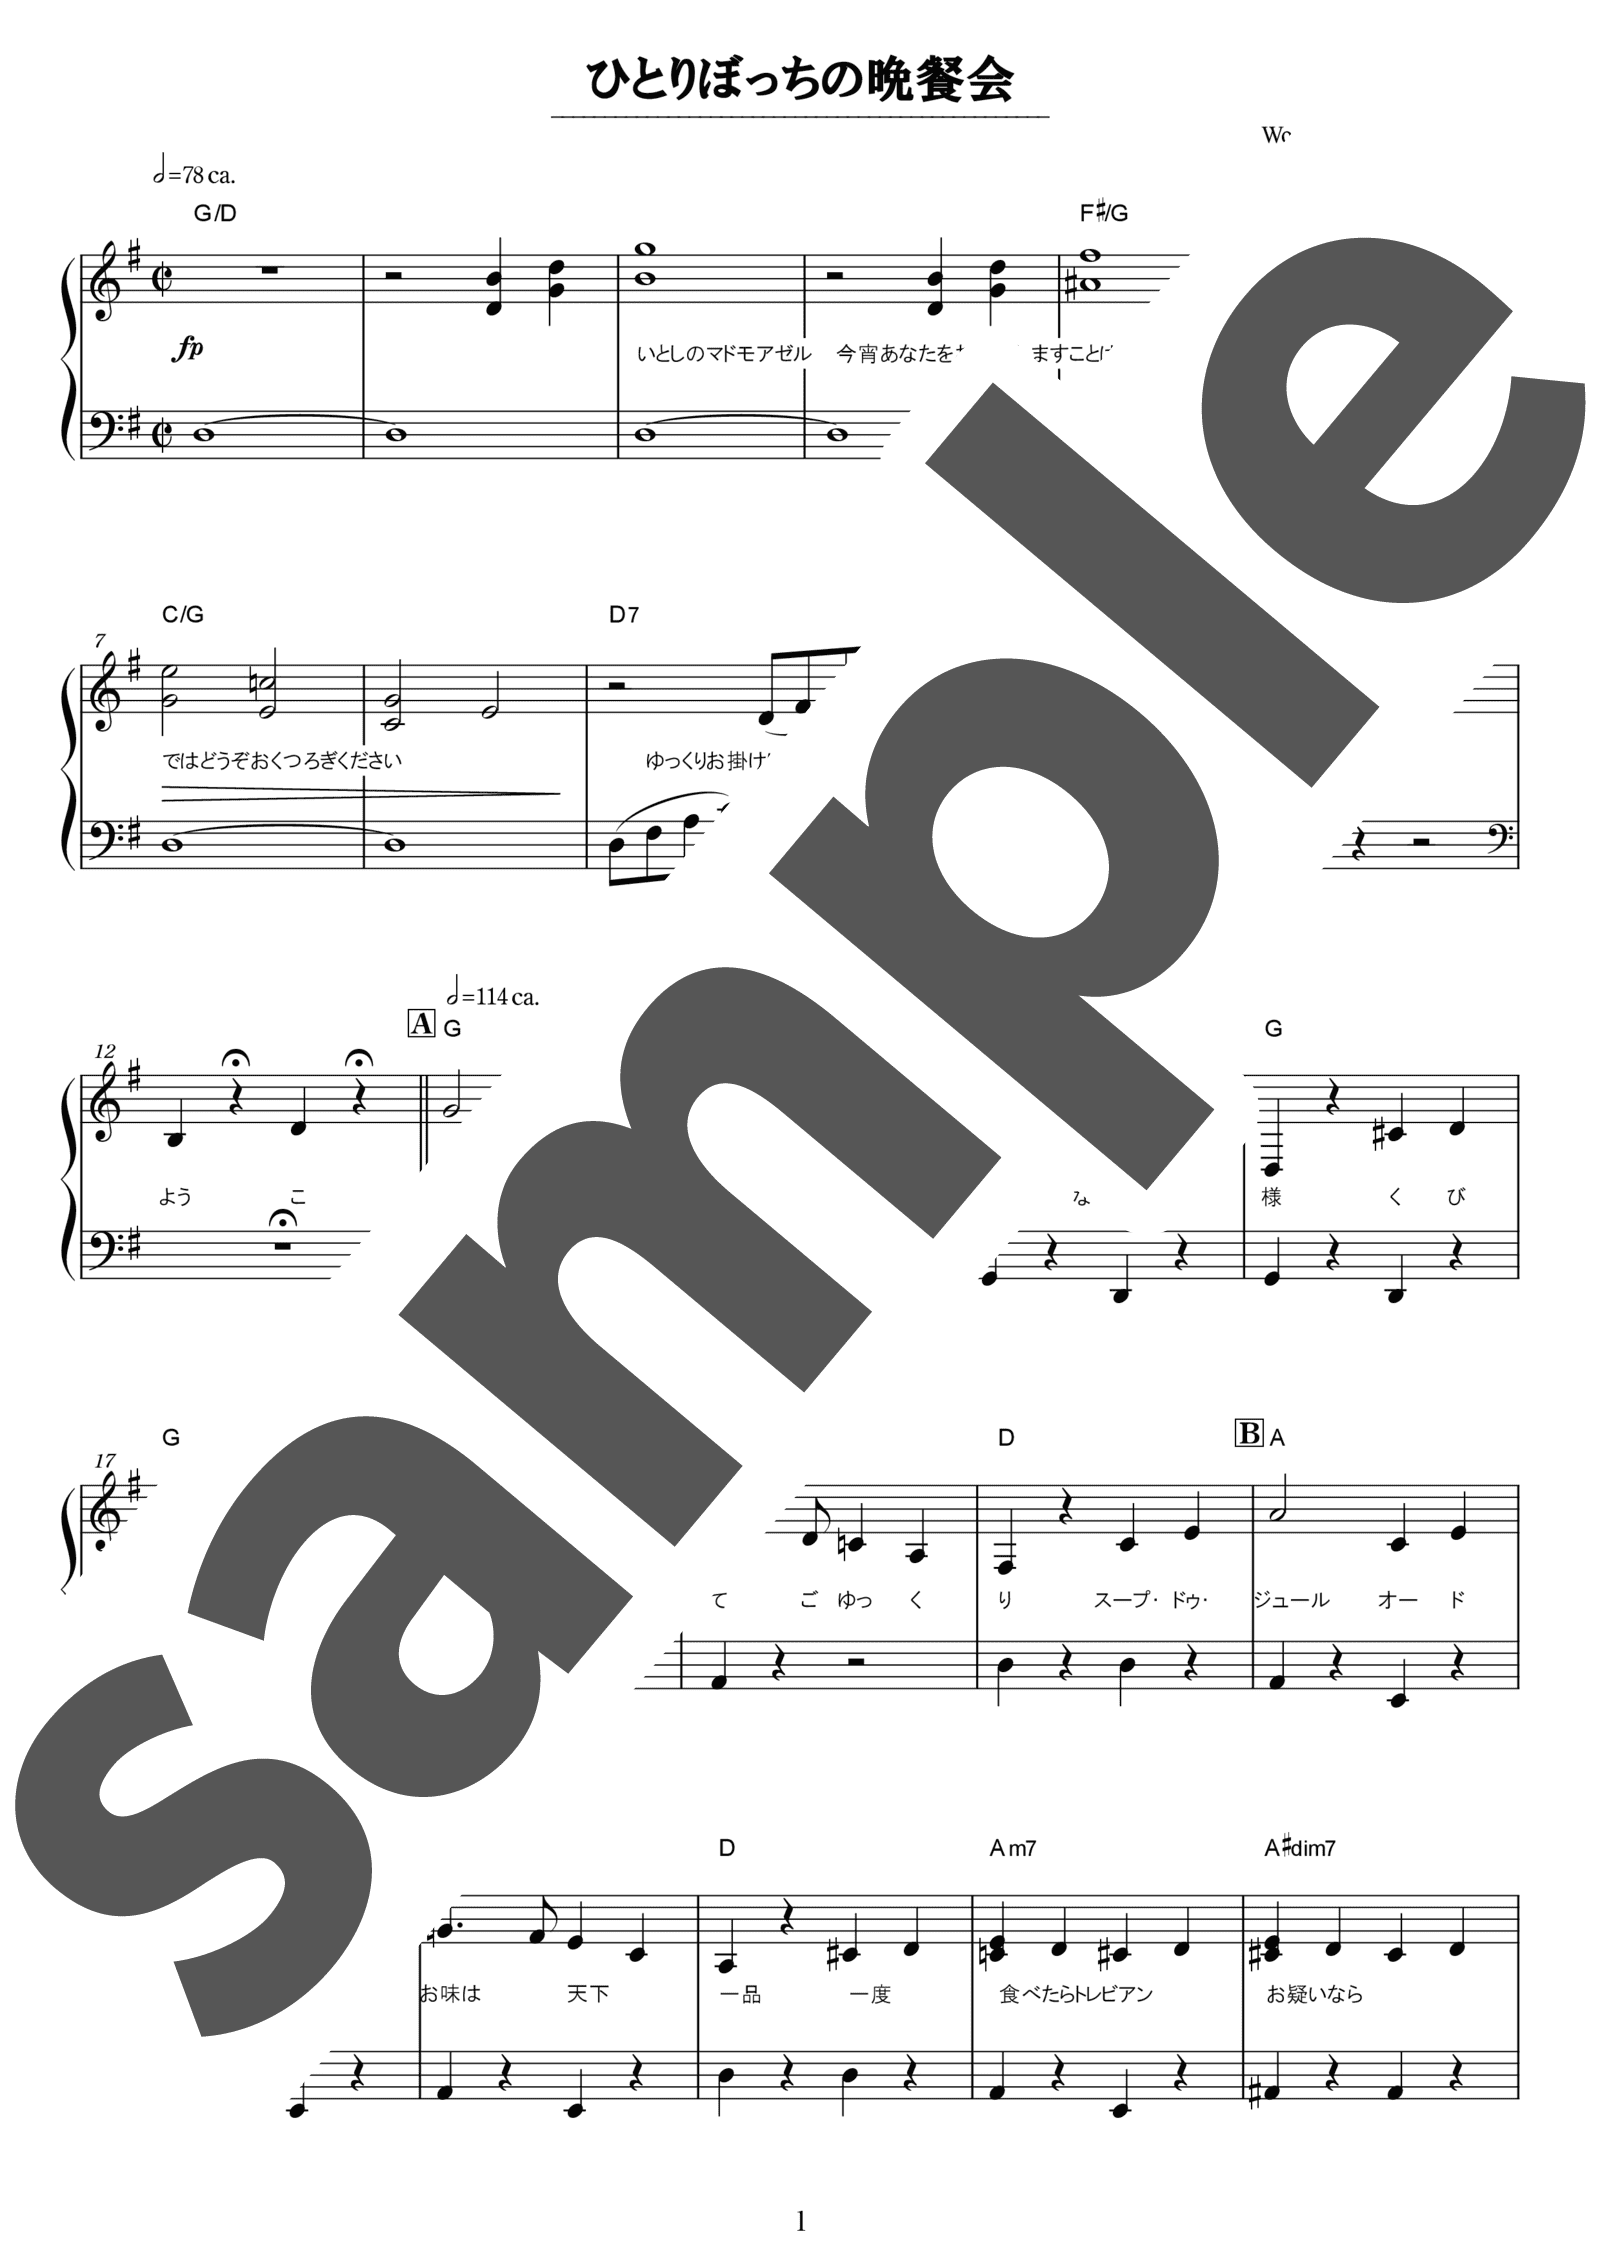 「ひとりぼっちの晩餐会」のサンプル楽譜